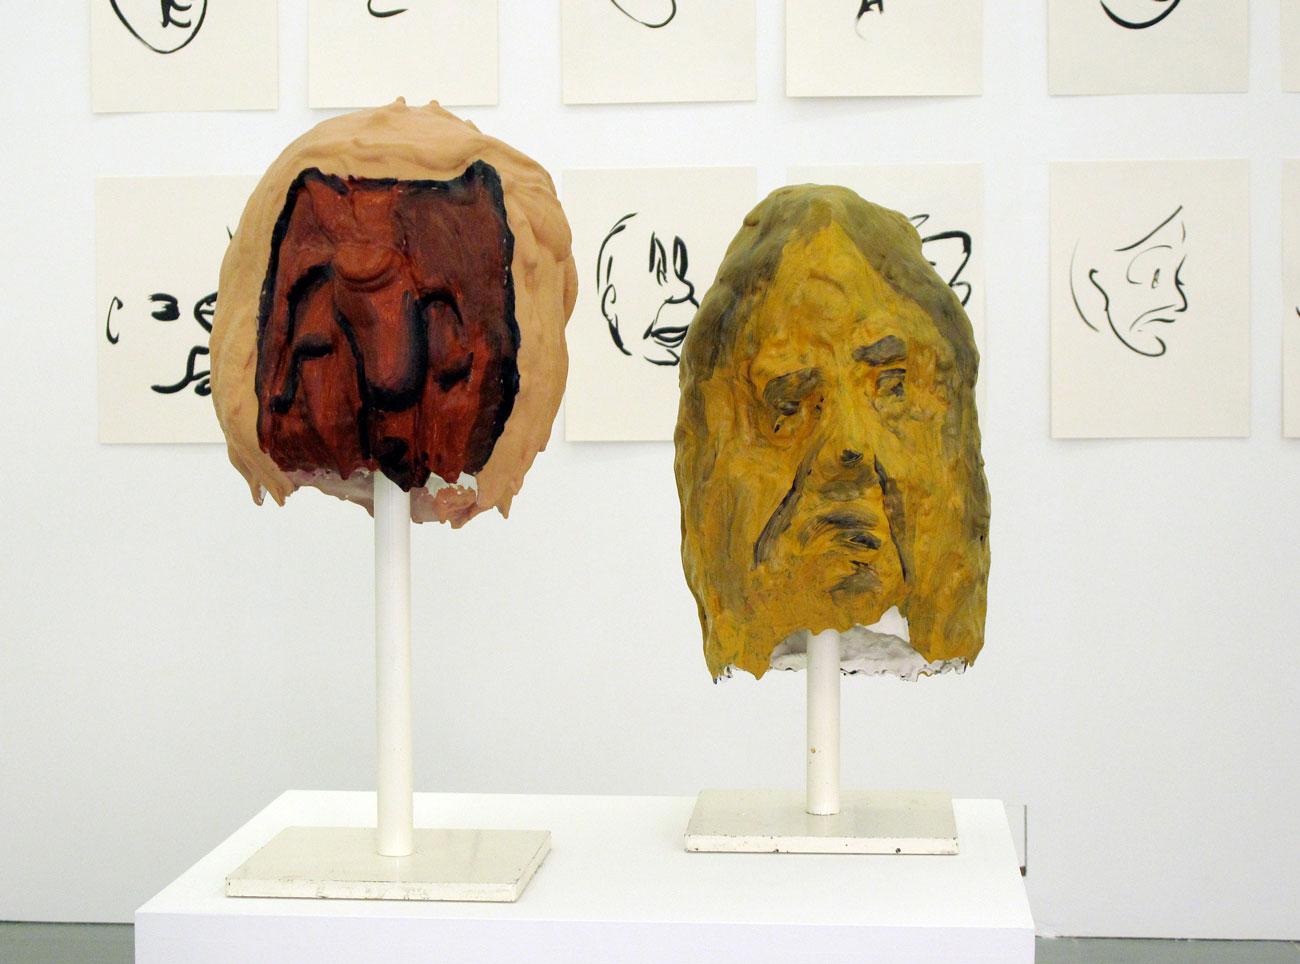 sam-porritt-untitled-(heads)